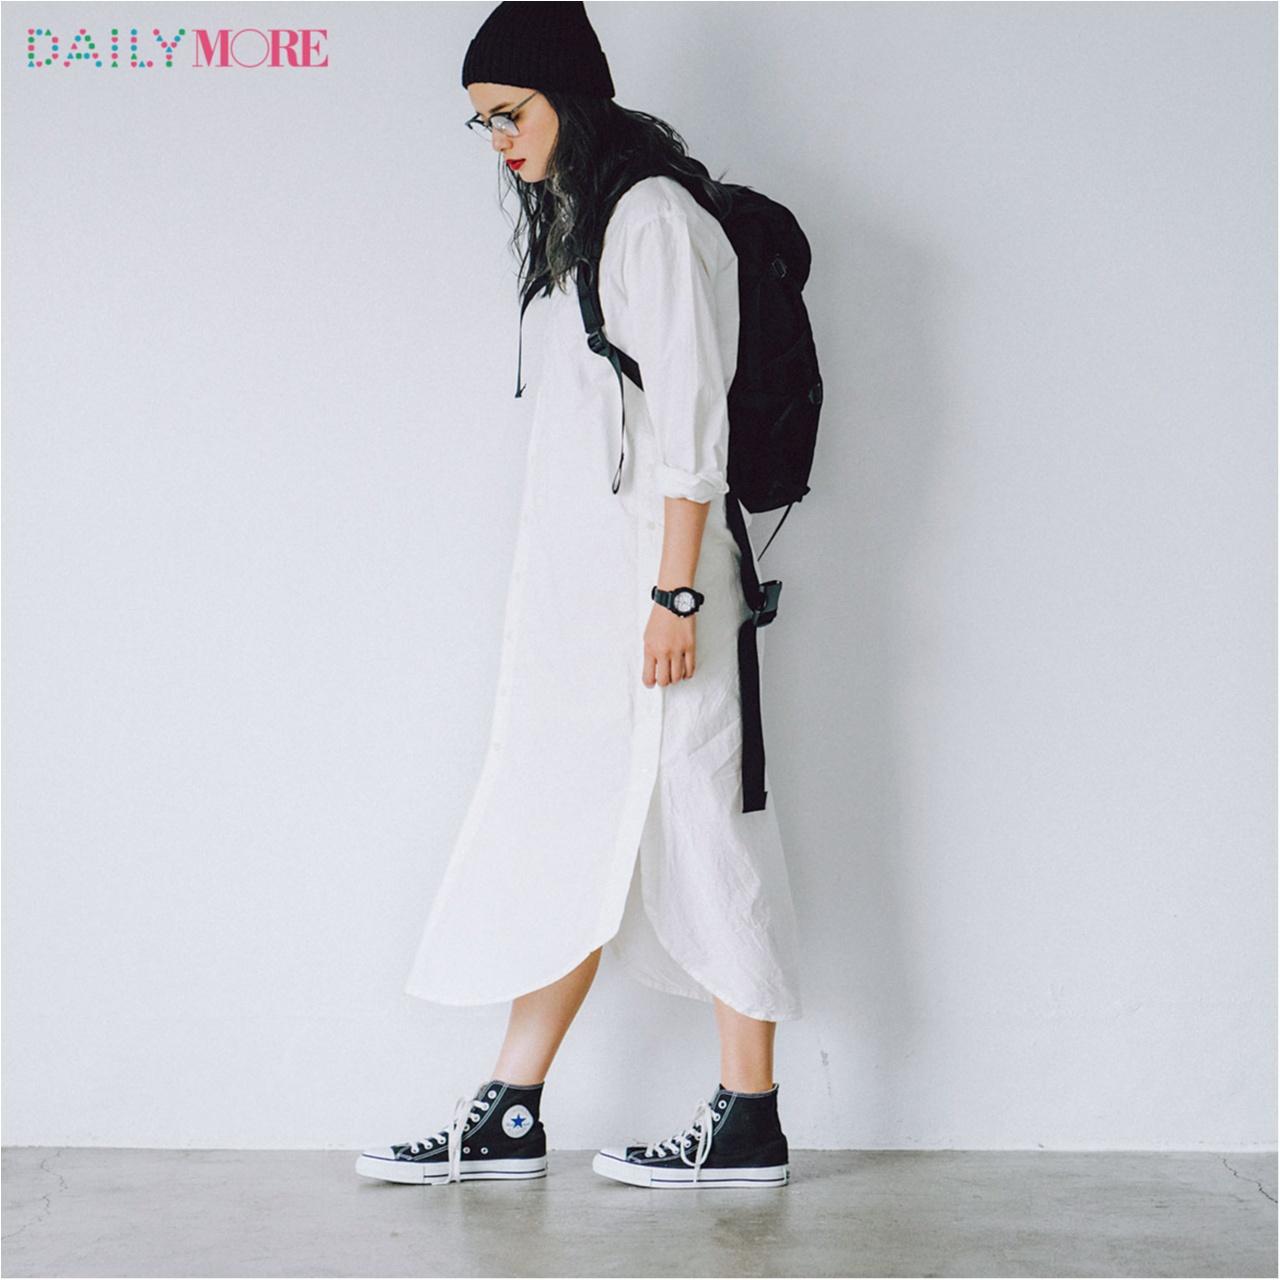 【今日のコーデ/岸本セシル】夏本番のモノトーンカジュアルは真っ白なシャツワンピースが主役。_1